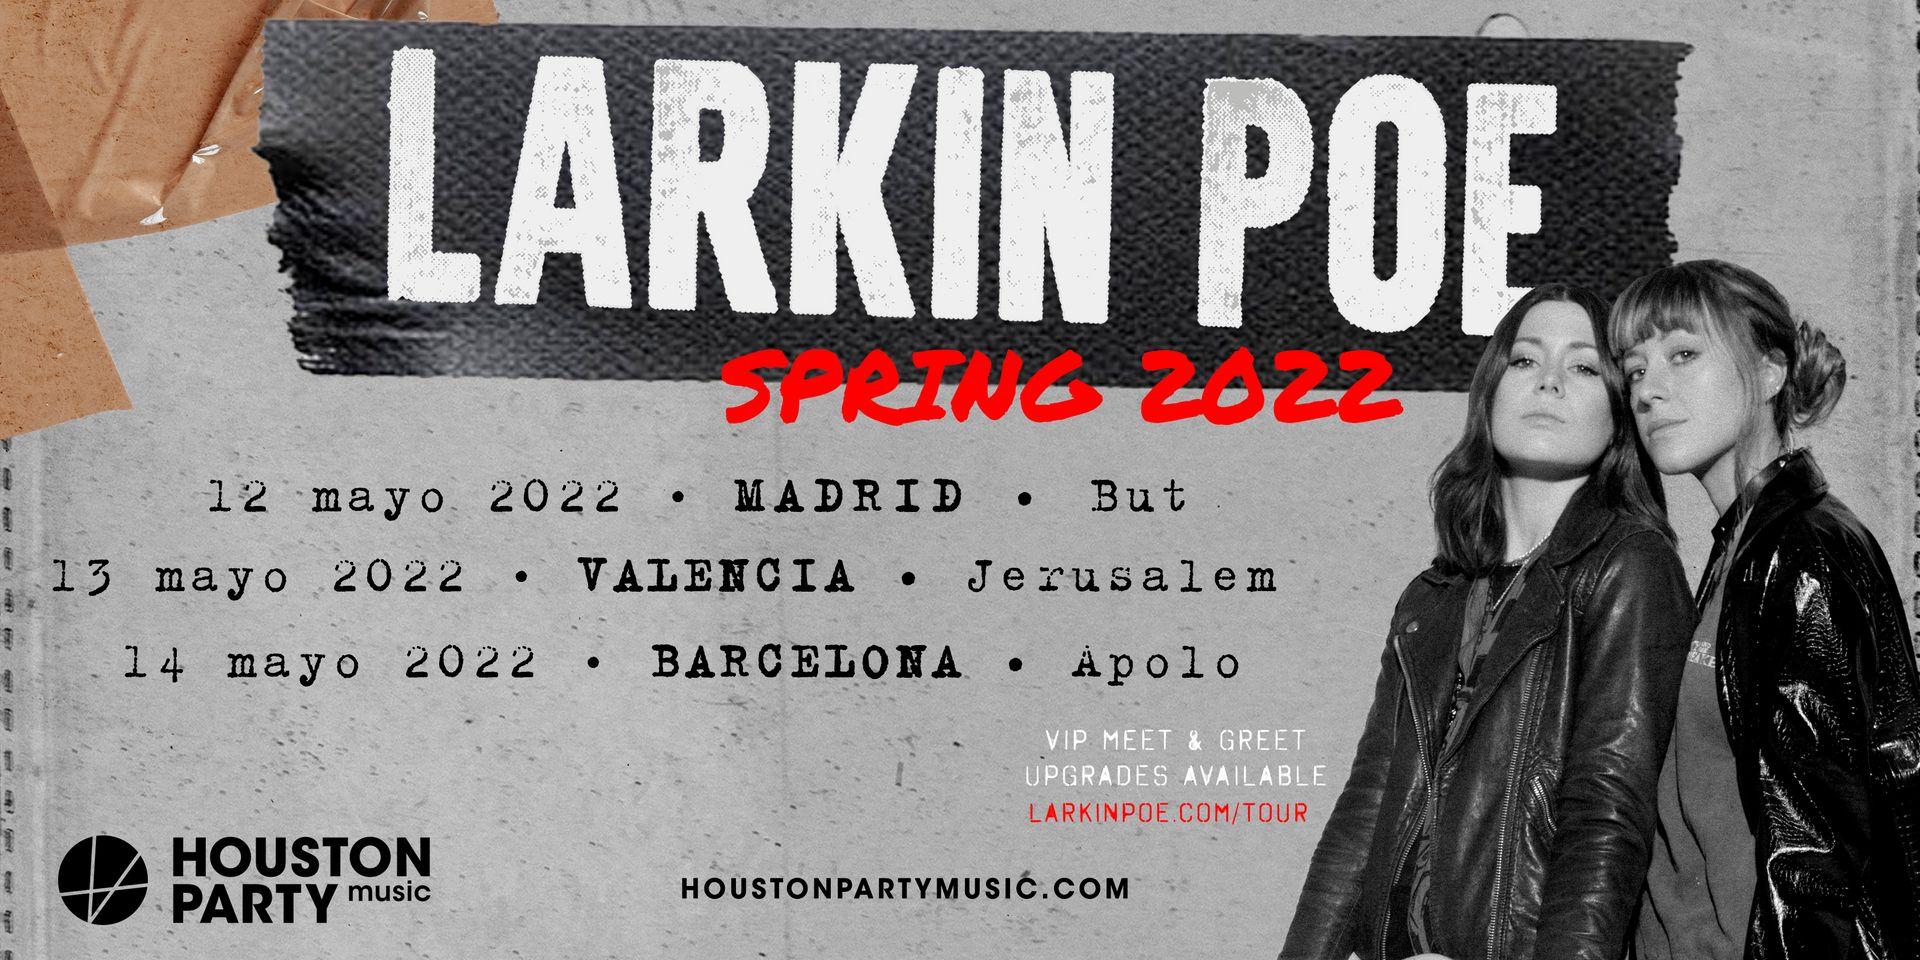 Larkin Poe pasan su actuación de Madrid a la sala But